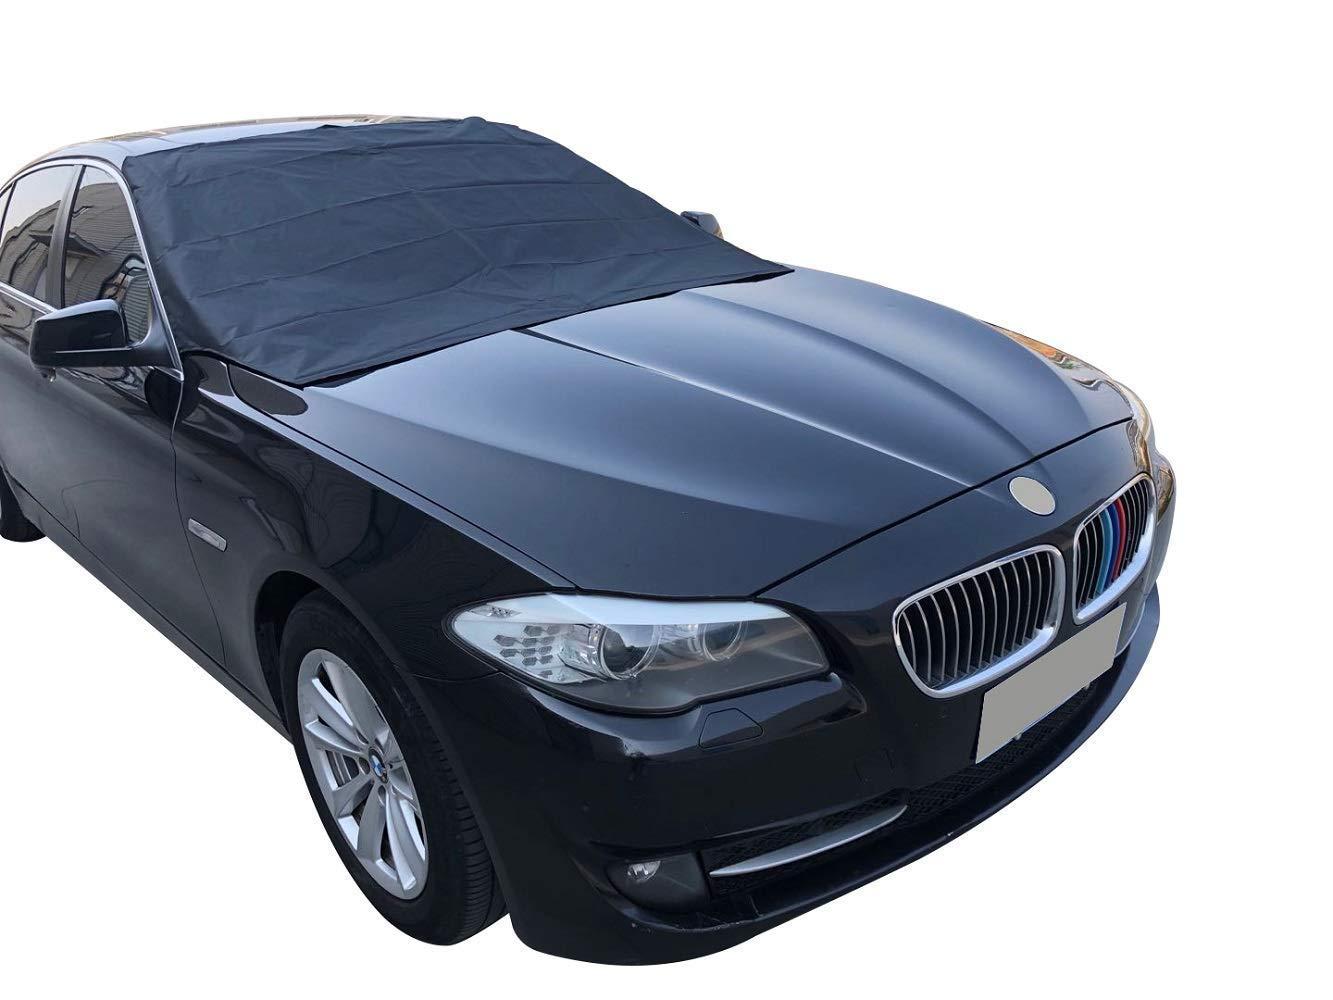 Accessori auto, Parti per auto, Coperchio parabrezza magnete per auto Parabrezza riscaldante per parabrezza anti calore auto parasole Yiwa